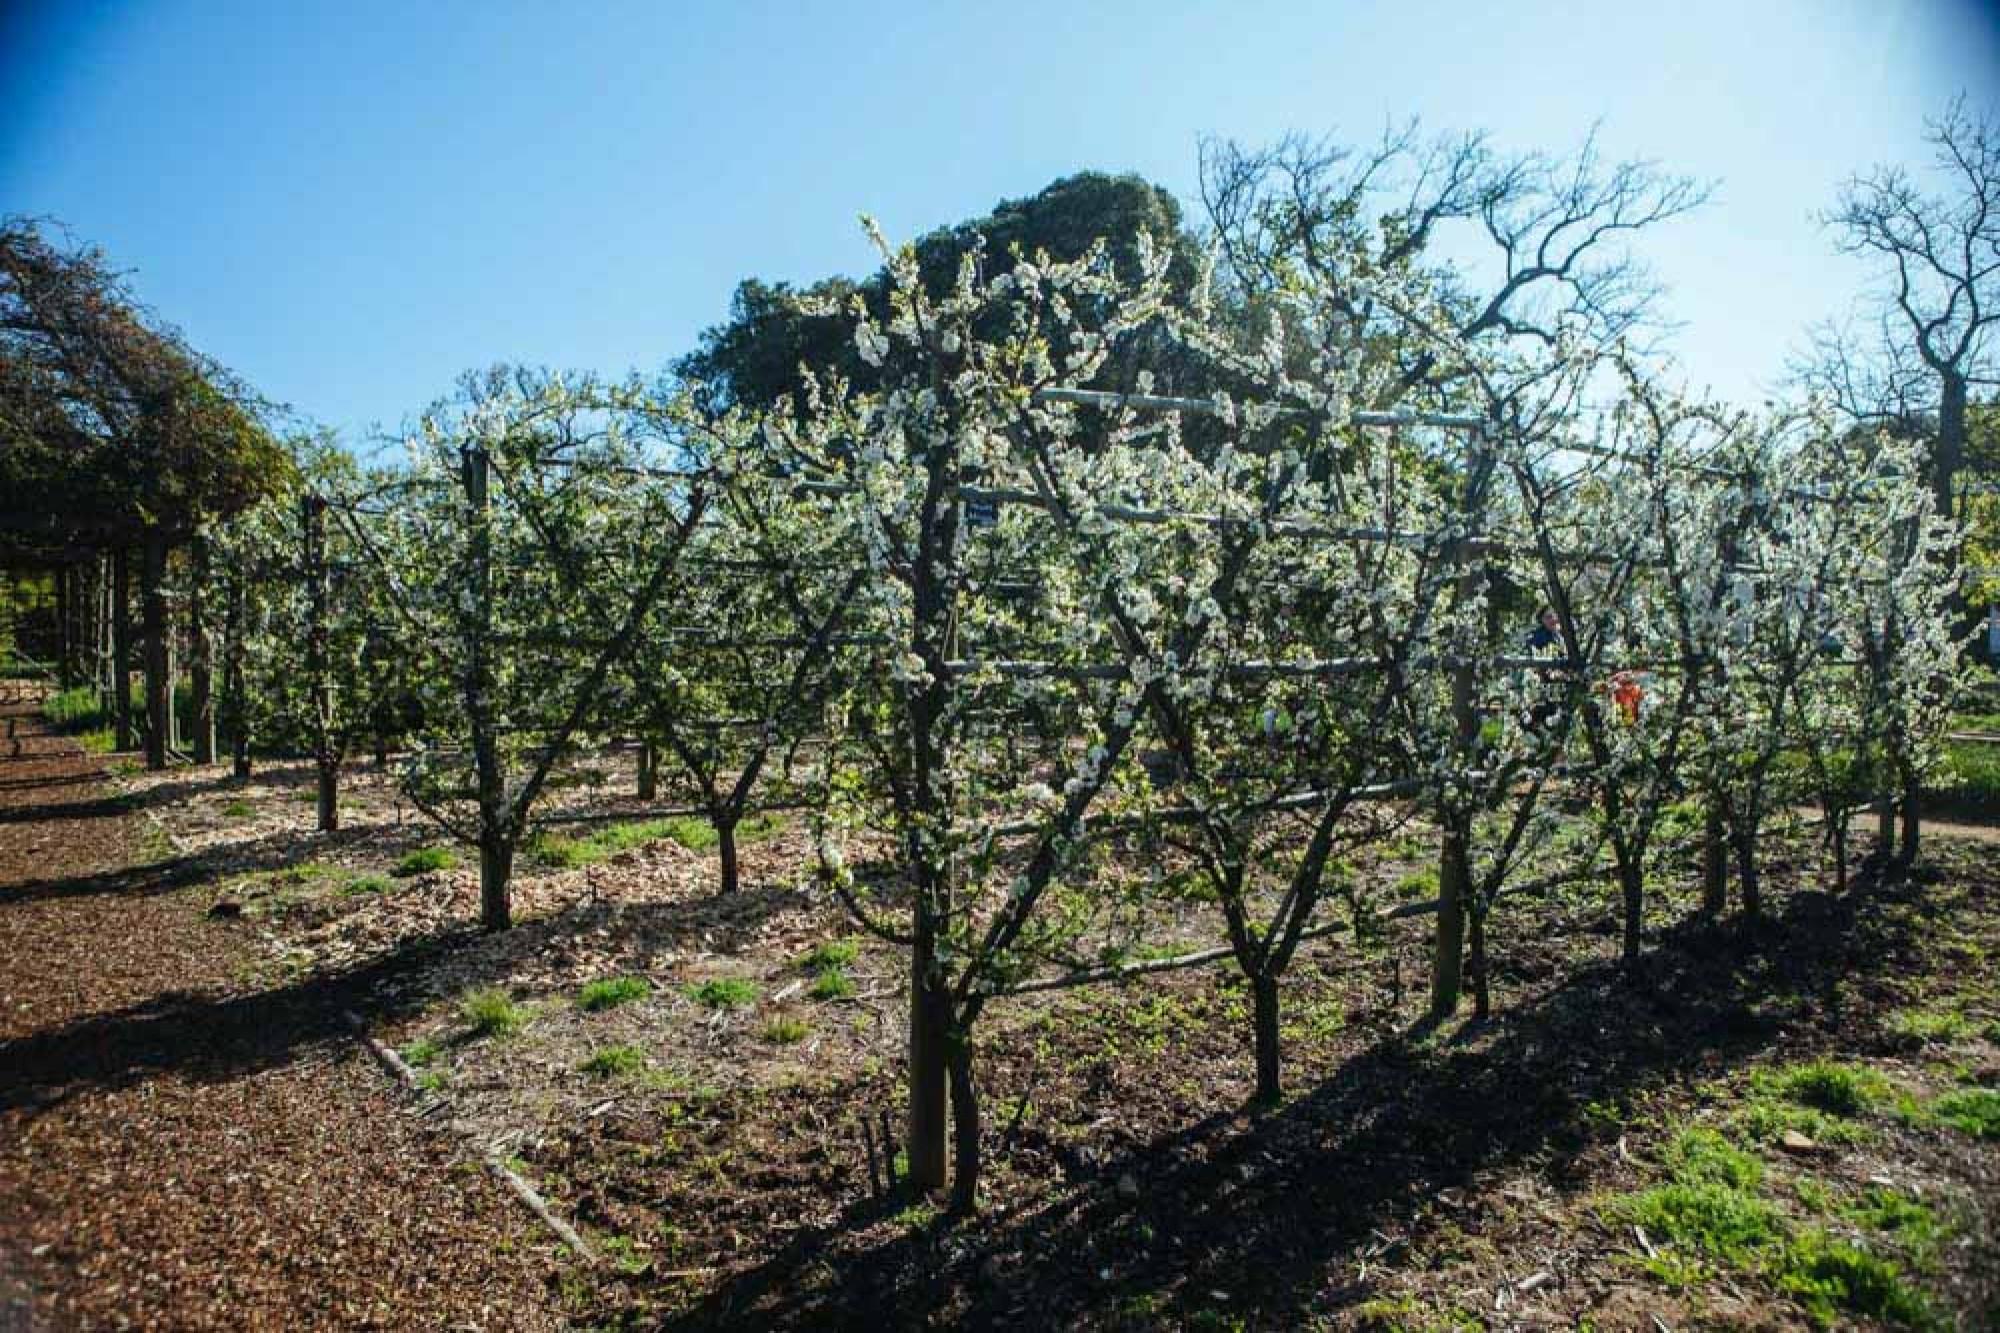 Vineyard farm stay in Cape Winelands